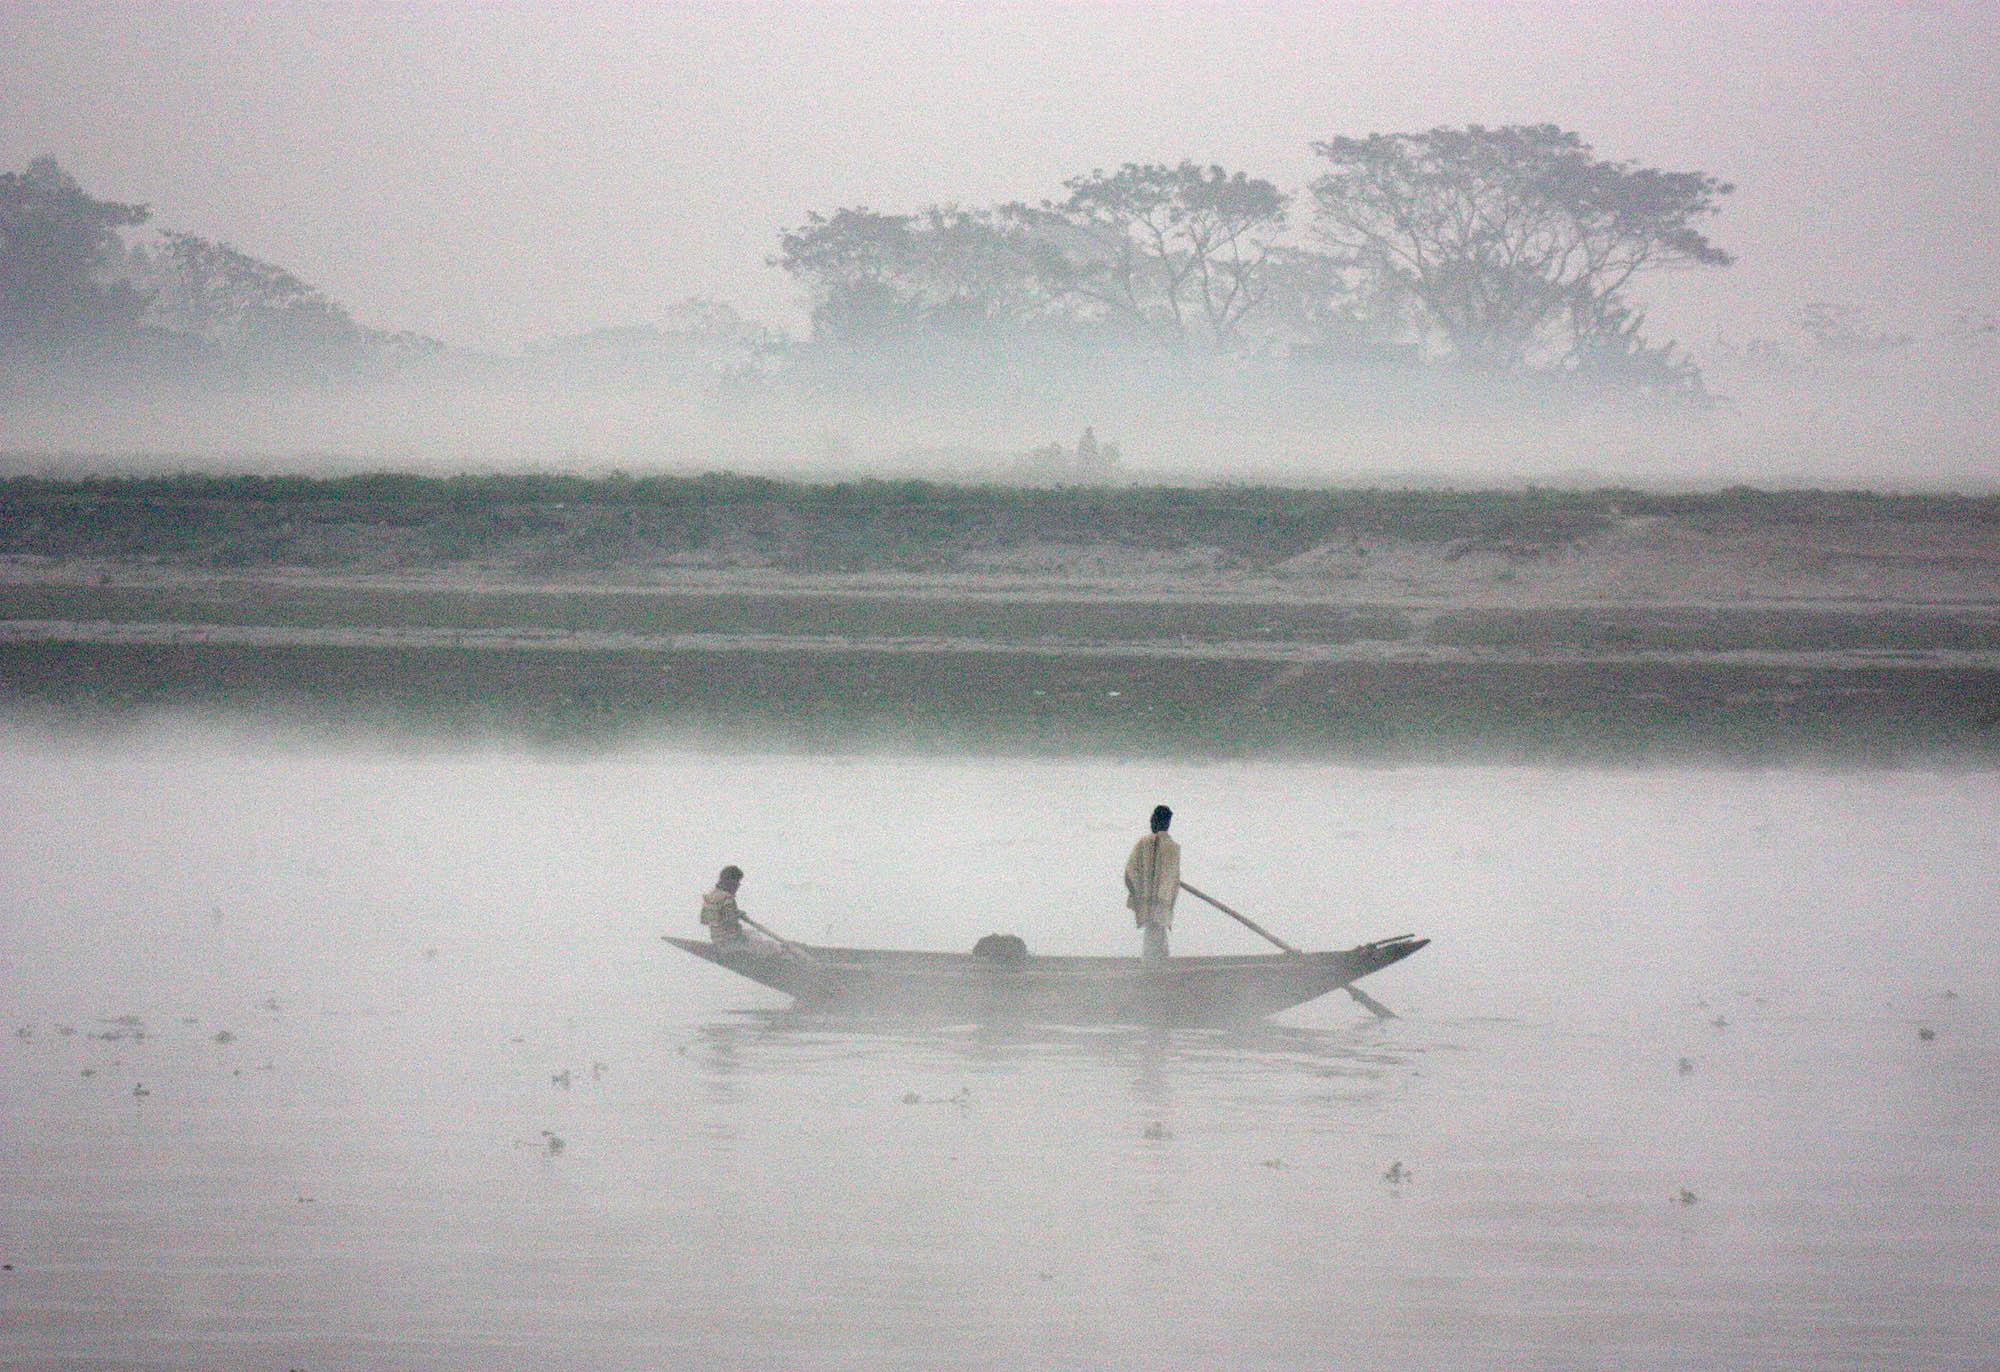 Morning fishing photo